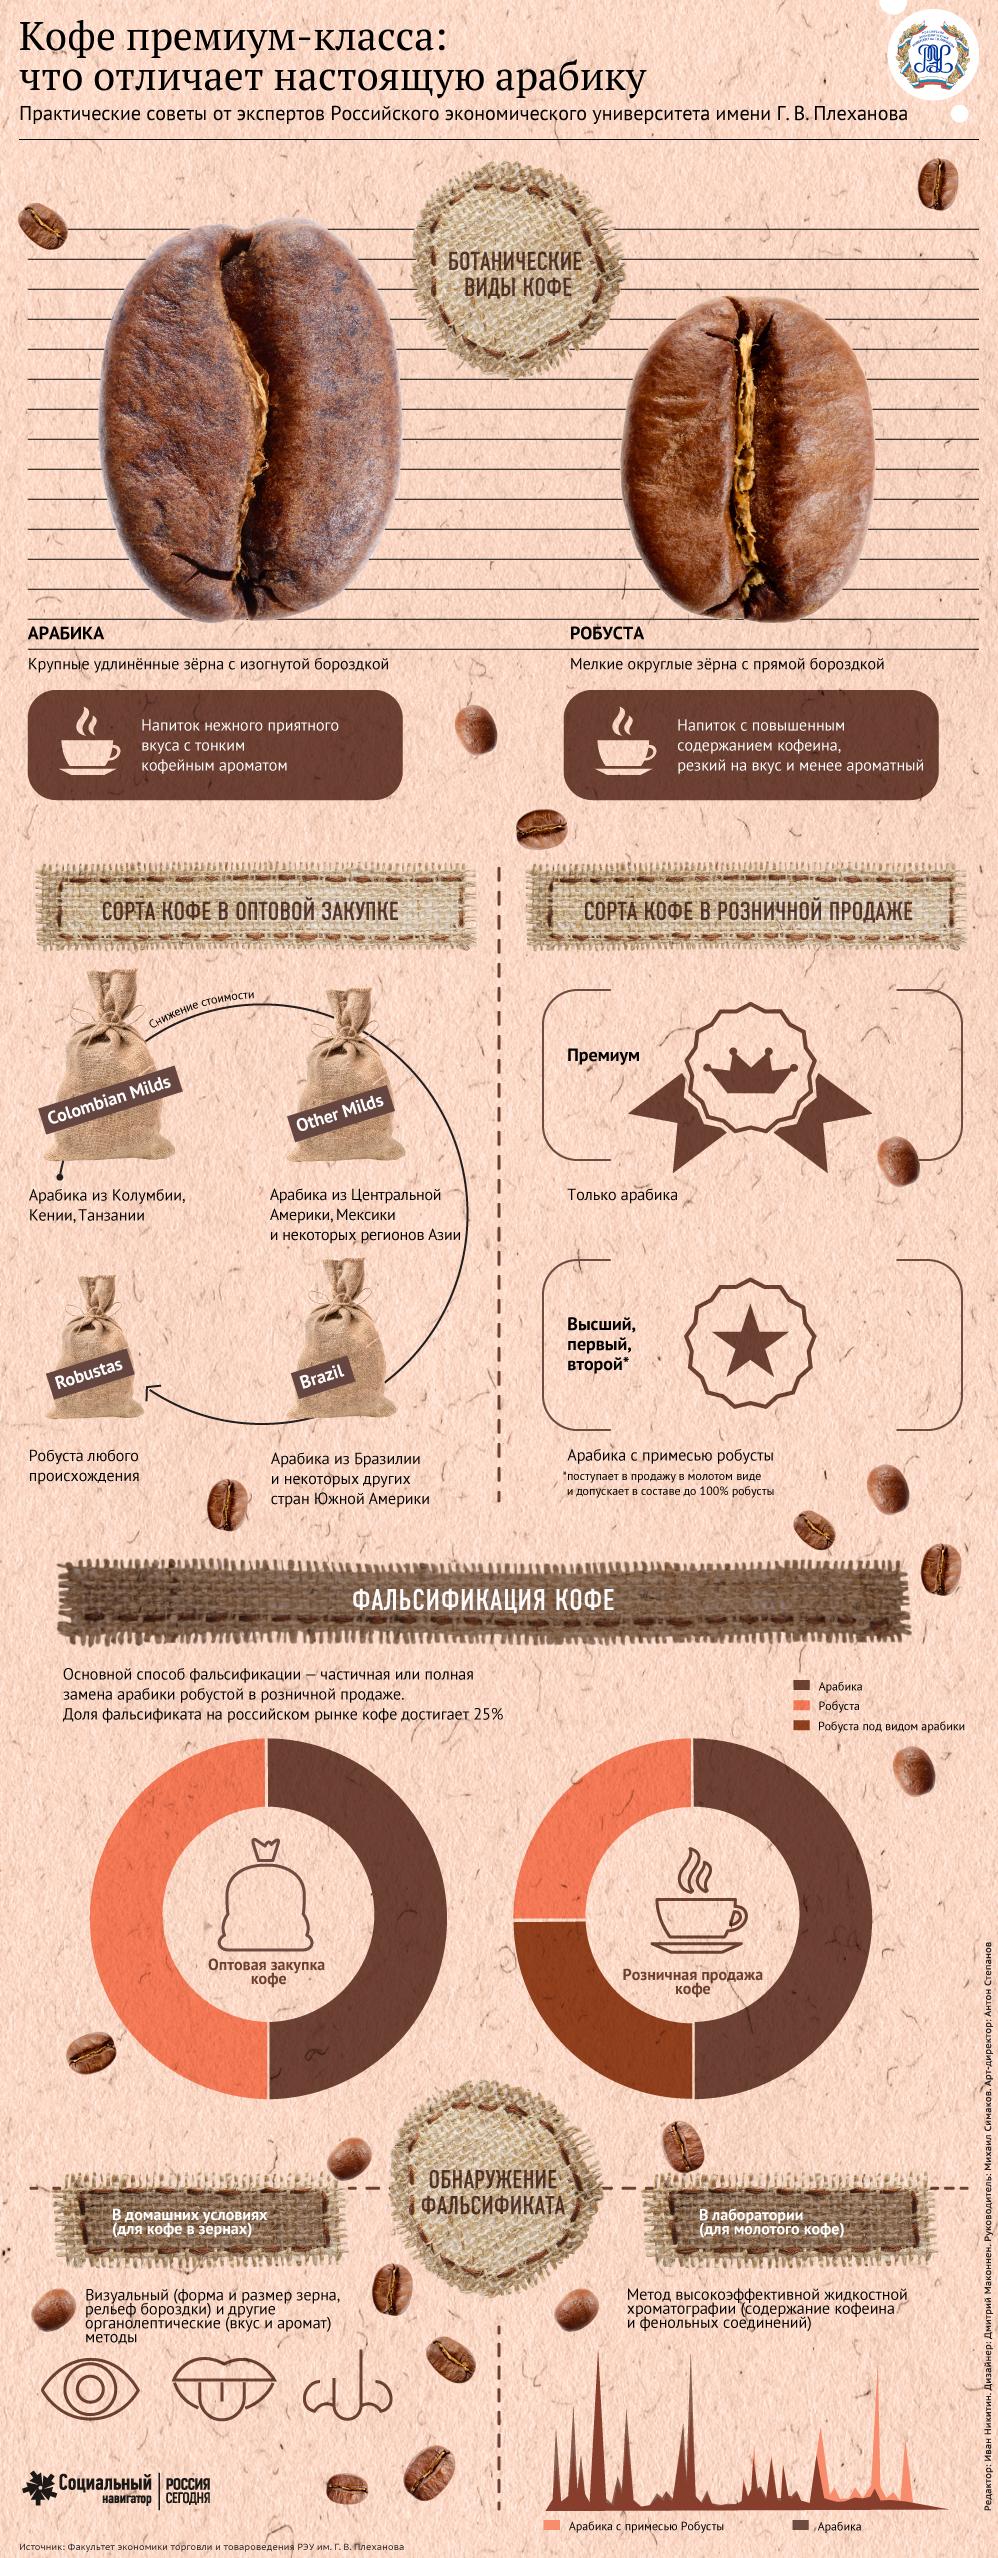 Кофе премиум класса: как отличить настоящую арабику